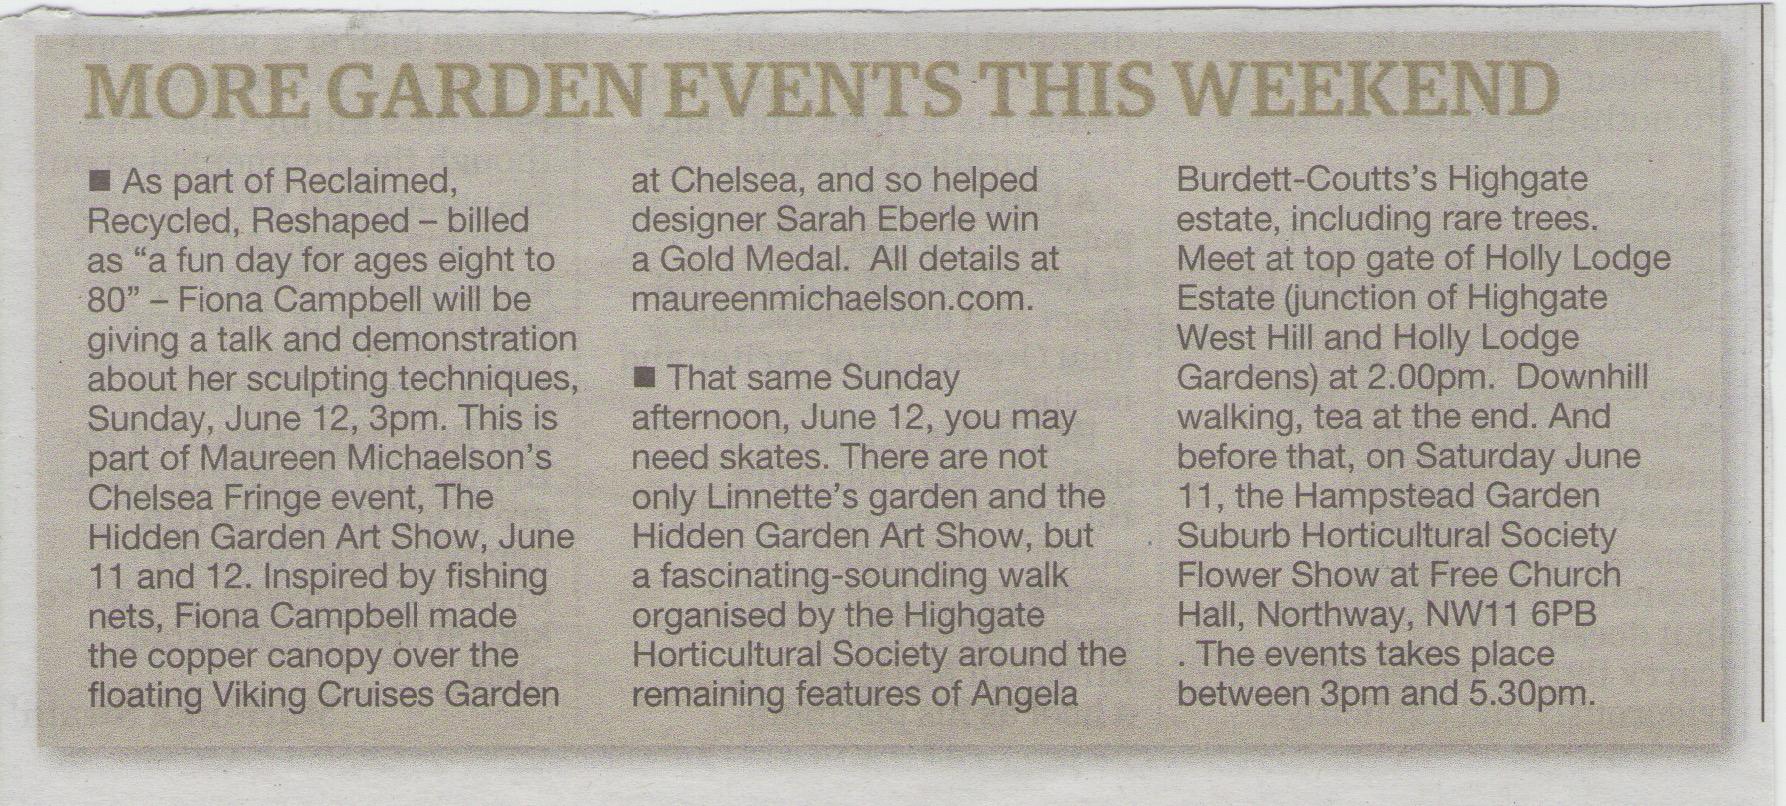 Ham & High - Garden Events